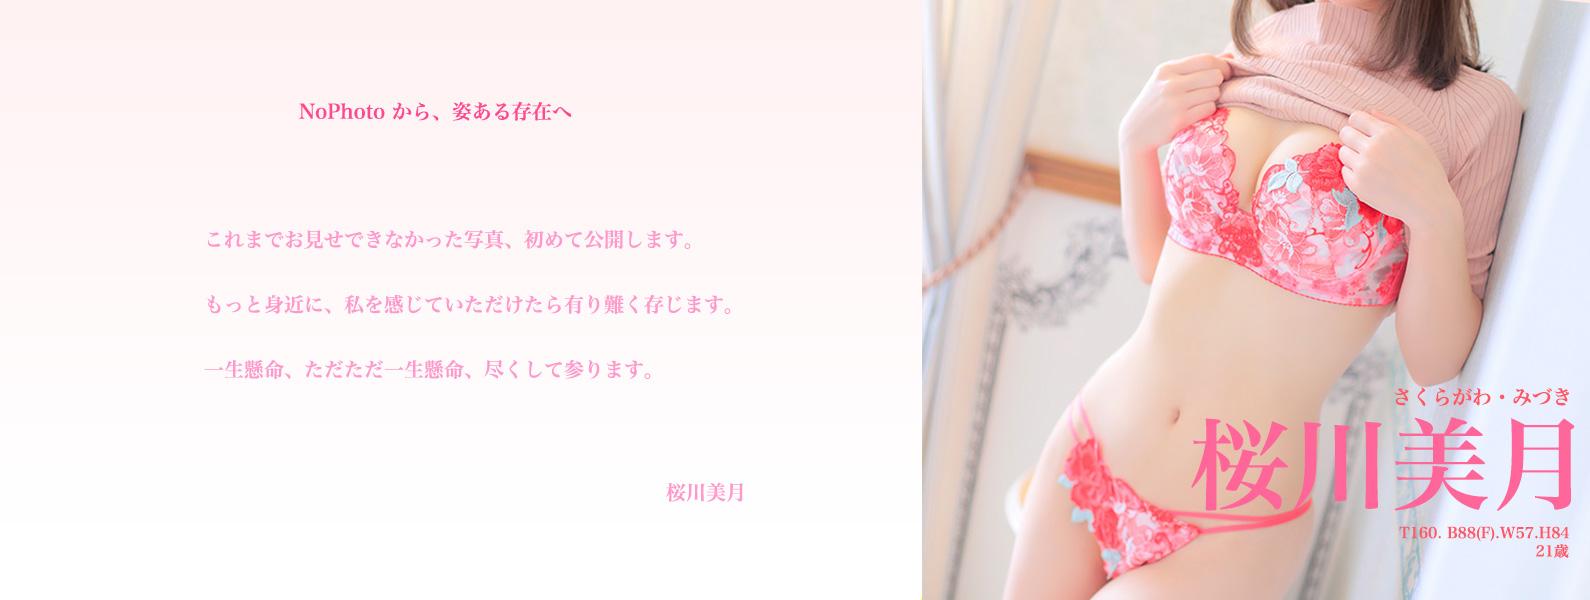 桜川美月画像公開